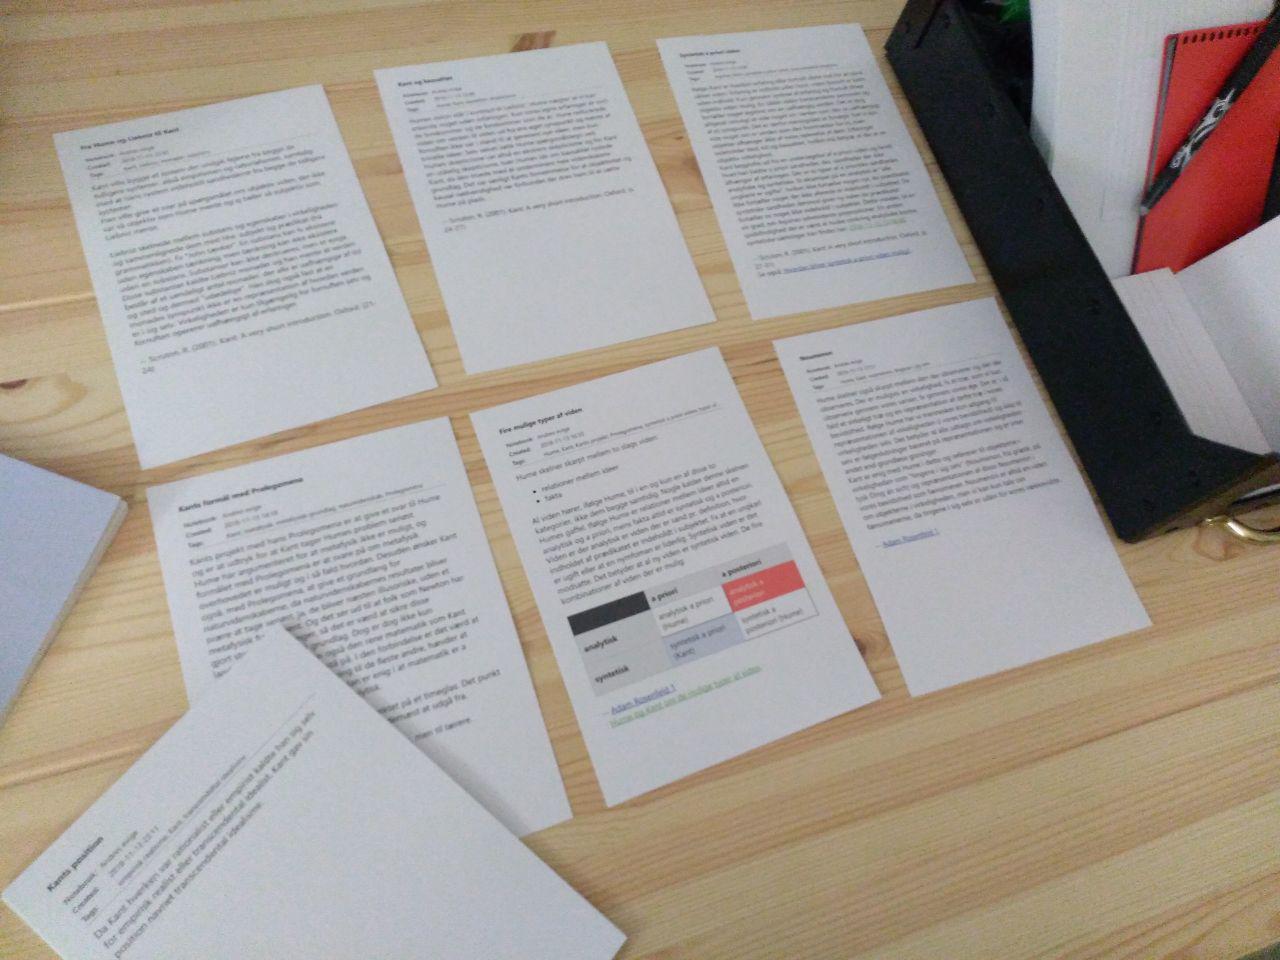 Бумажные заметки на настоящем столе удобнее, чем электронные — на рабочем столе компьютера